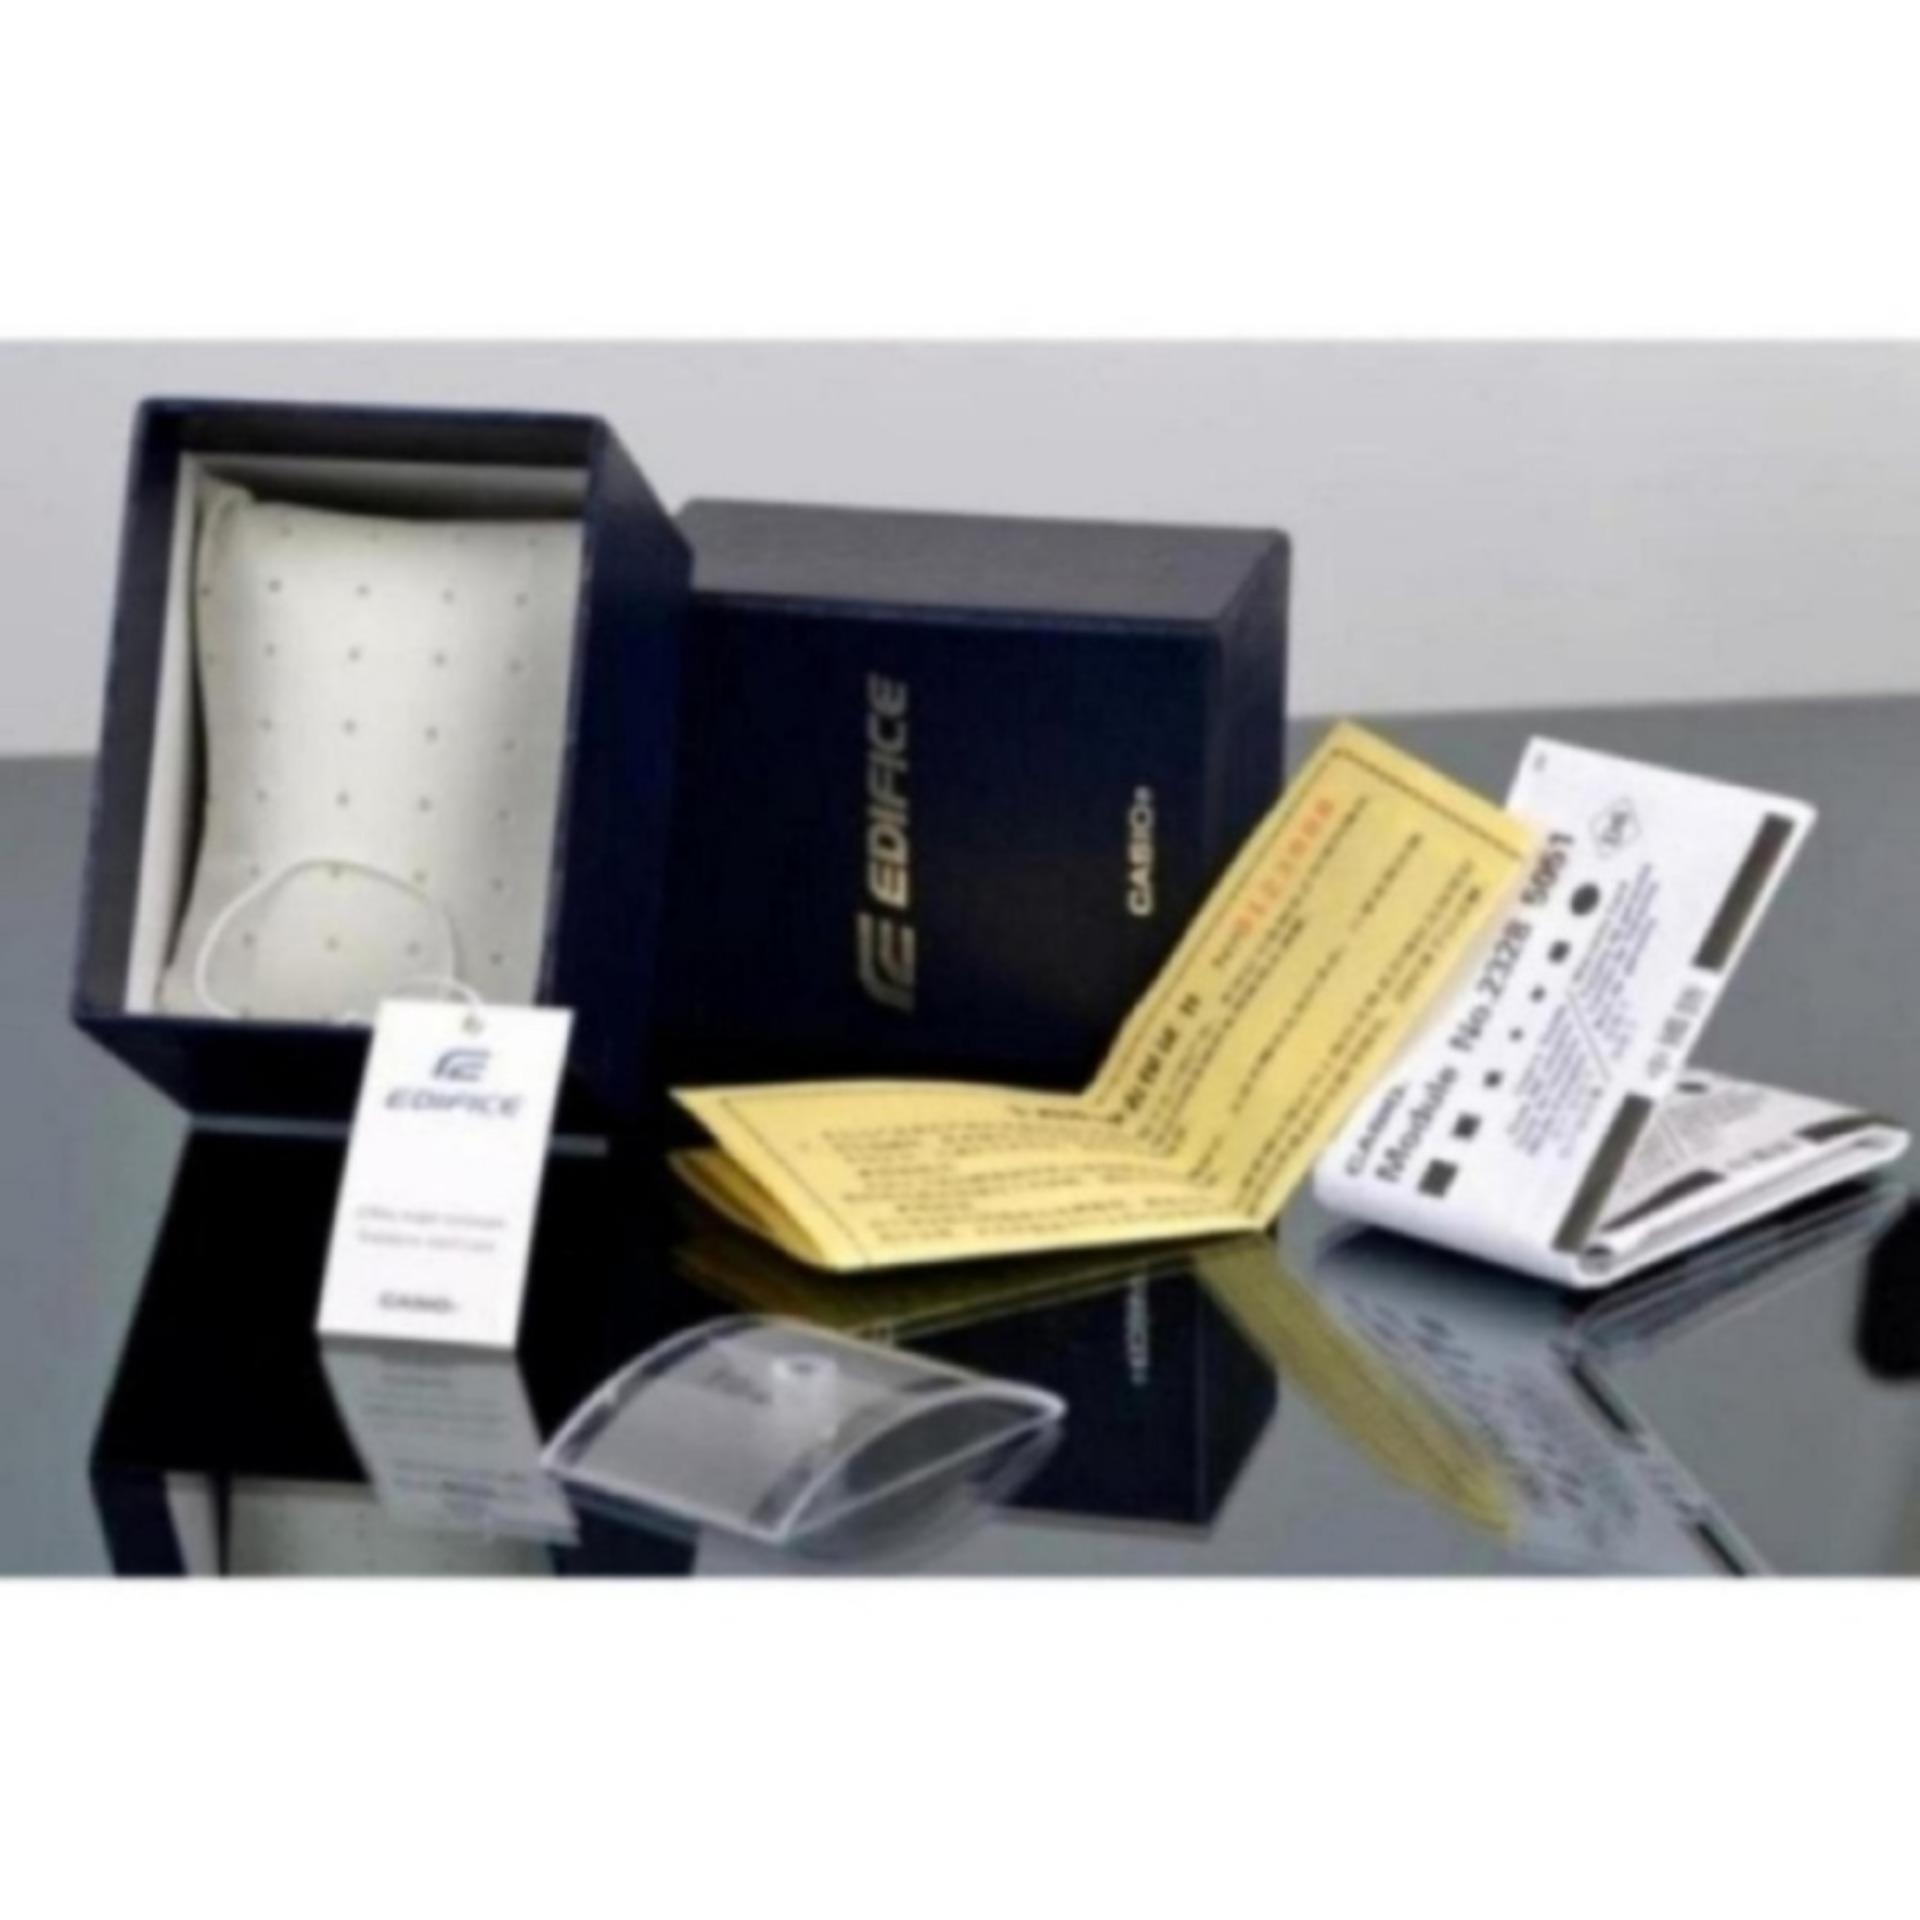 Casio Edifice Efr 539d 7av Jam Tangan Pria Silver Cek Harga 103l 1a4vdf Genuine Leather Black 1av